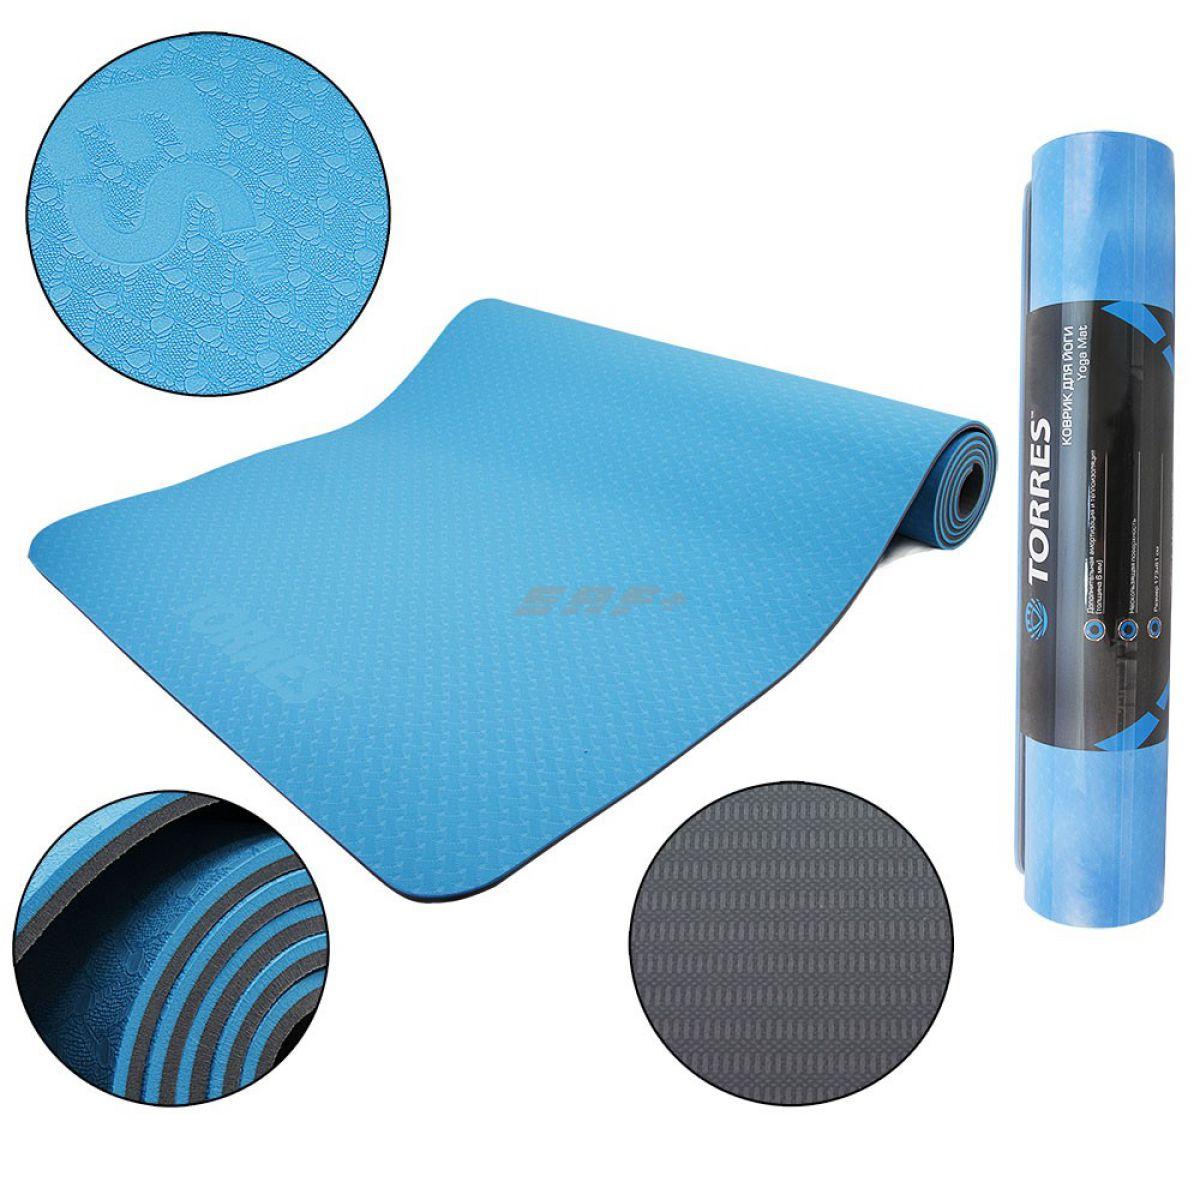 TORRES Comfort 6 Коврик для йоги 6мм